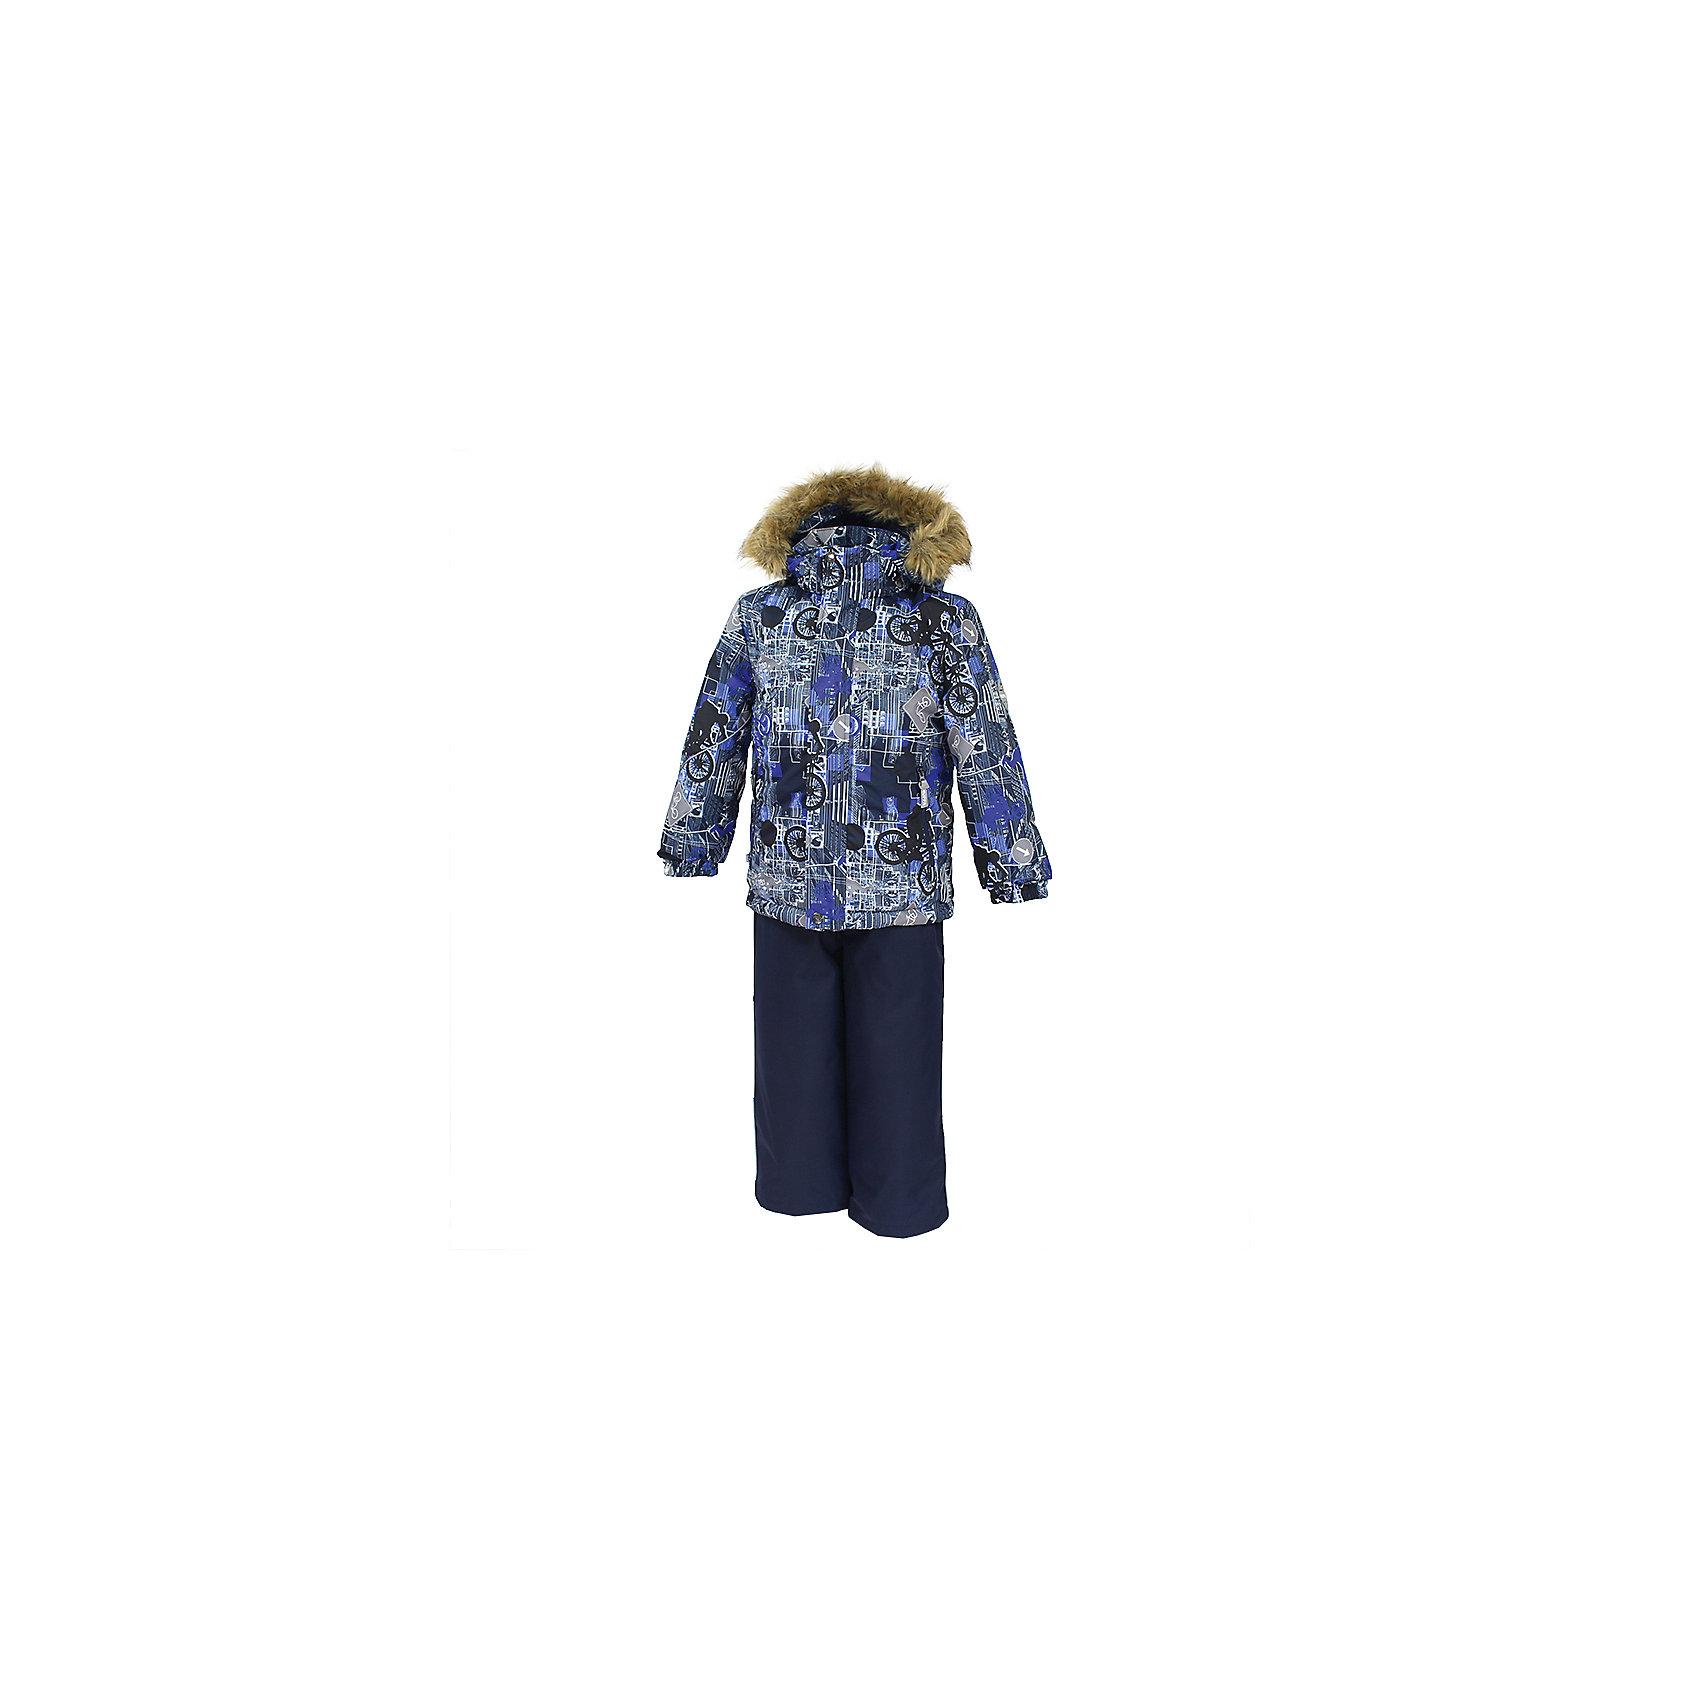 Комплект: куртка и брюки DANTE HuppaКомплекты<br>Характеристики товара:<br><br>• модель: Dante;<br>• цвет: синий принт/синий;<br>• состав: 100% полиэстер;<br>• утеплитель: нового поколения HuppaTherm, 300 гр куртка / 160гр брюки;<br>• подкладка: полиэстер: тафта, pritex;<br>• сезон: зима;<br>• температурный режим: от -5 до - 30С;<br>• водонепроницаемость: 10000 мм;<br>• воздухопроницаемость: 10000 г/м2/24ч;<br>• особенности модели: c рисунком; с мехом на капюшоне;<br>• плечевые швы и шаговый шов проклеены и не пропускают влагу;<br>• в куртке застежка молния, прикрыта планкой;<br>• низ куртки стягивается кулиской, что помогает предотвращать попадание снега внутрь;<br>• эластичные подтяжки регулируются по длине;<br>• низ брюк затягивается на шнурок с фиксатором;<br>• снегозащитные манжеты на штанинах;<br>• безопасный капюшон крепится на кнопки и, при необходимости, отстегивается;<br>• искусственный мех на капюшоне съемный;<br>• светоотражающие элементы для безопасности ребенка;<br>• внутренний и боковые карманы застегиваются на молнию;<br>• манжеты рукавов эластичные, на резинках; <br>• страна бренда: Финляндия;<br>• страна изготовитель: Эстония.<br><br>Зимний комплект Dante - это отличный вариант для холодной зимы. Утеплитель HuppaTherm - высокотехнологичный легкий синтетический утеплитель нового поколения. Сохраняет объем и высокую теплоизоляцию изделия. Легко стирается и быстро сохнет. Изделия HuppaTherm легкие по весу, комфортные и теплые.<br><br>Мембрана препятствует прохождению воды и ветра сквозь ткань внутрь изделия, позволяя испаряться выделяемой телом, образовывающейся внутри влаге. Прочная ткань: сплетения волокон в тканях выполнены по специальной технологии, которая придаёт ткани прочность и предохранят от истирания.Подкладка —полиэстер: тафта, pritex.<br><br>Функциональные элементы: Куртка: капюшон и мех отстегивается,  застежка молния, прикрыта планкой, манжеты на резинке, светоотражающие элементы. Брюки:  застежка молния, эластичные подтяжки регулируютс